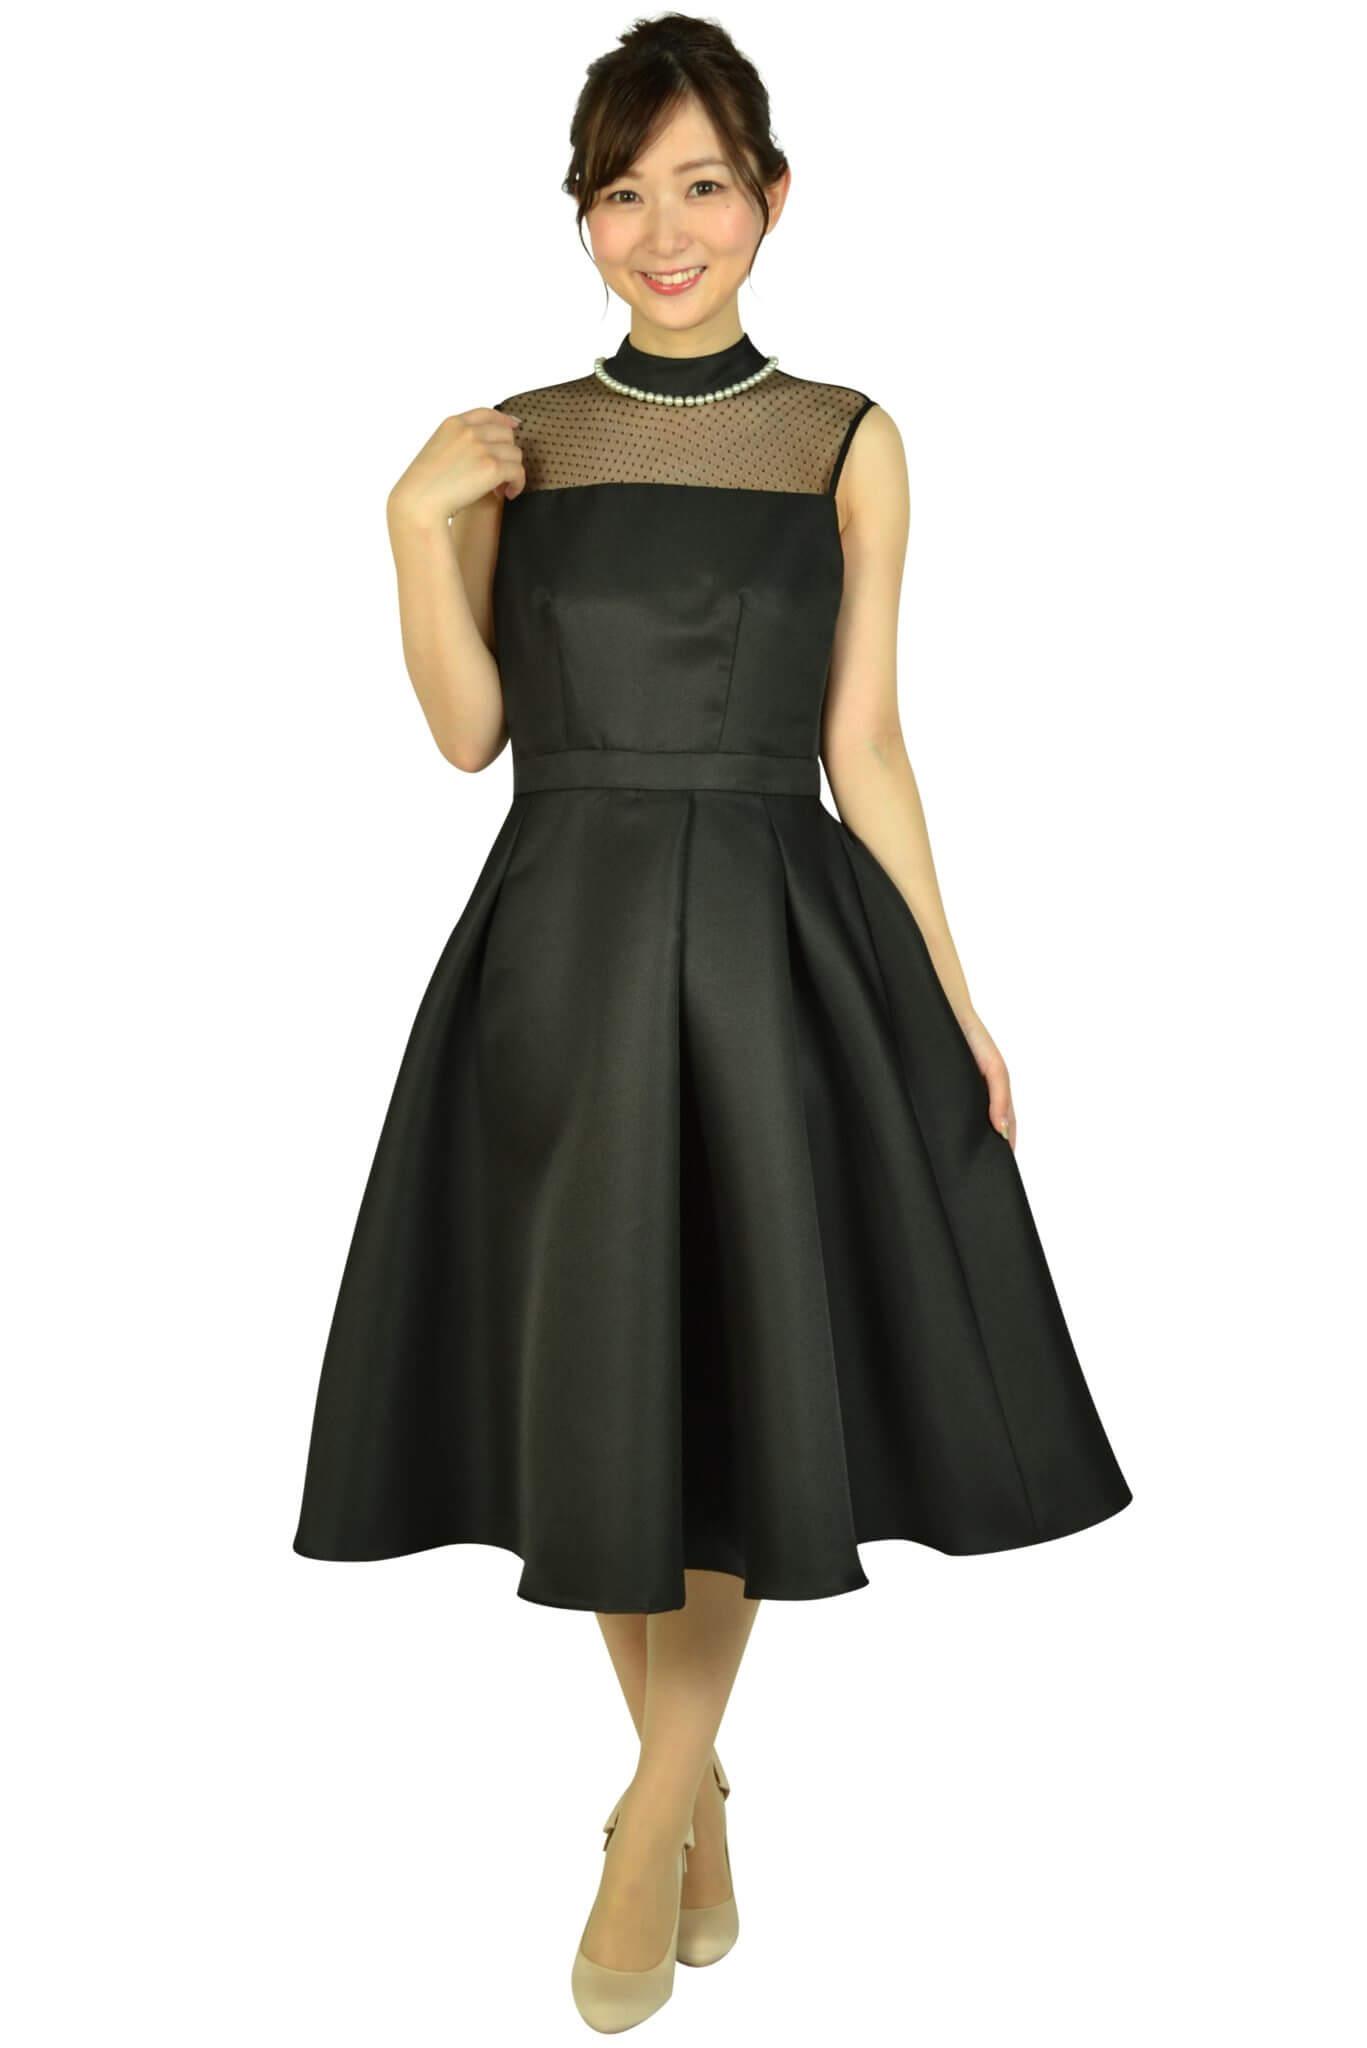 アイアム (I am...)ボトルネックパールブラックドレス